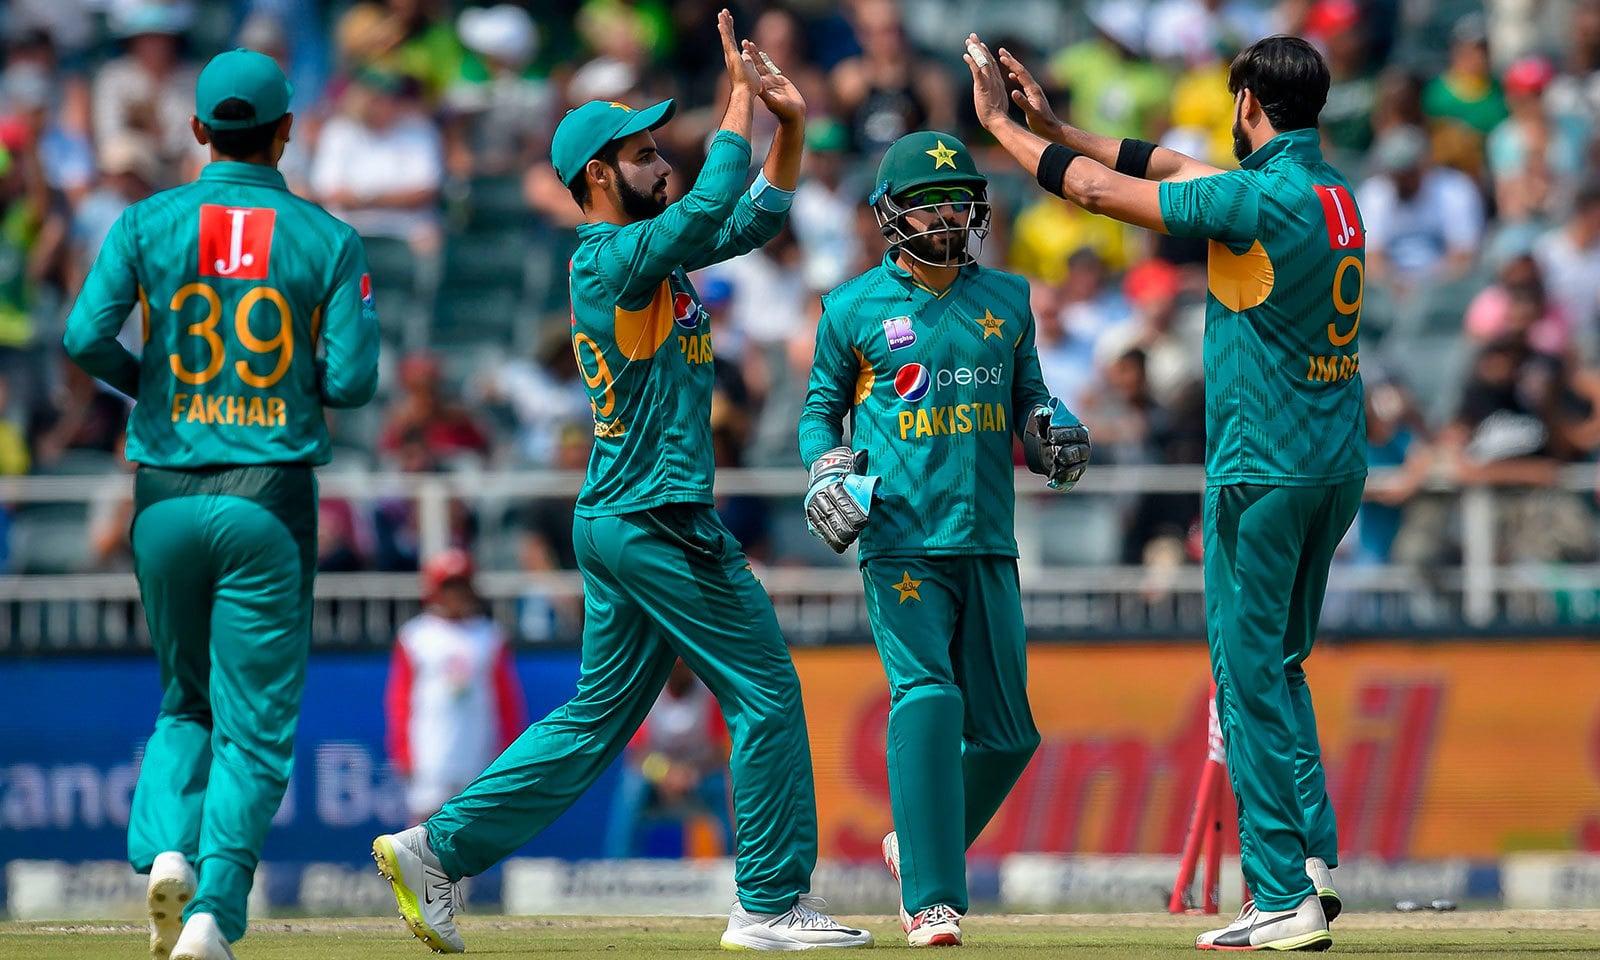 پاکستان کے لیے عماد وسیم نے ابتدائی وکٹ حاصل کی—فوٹو: اے ایف پی